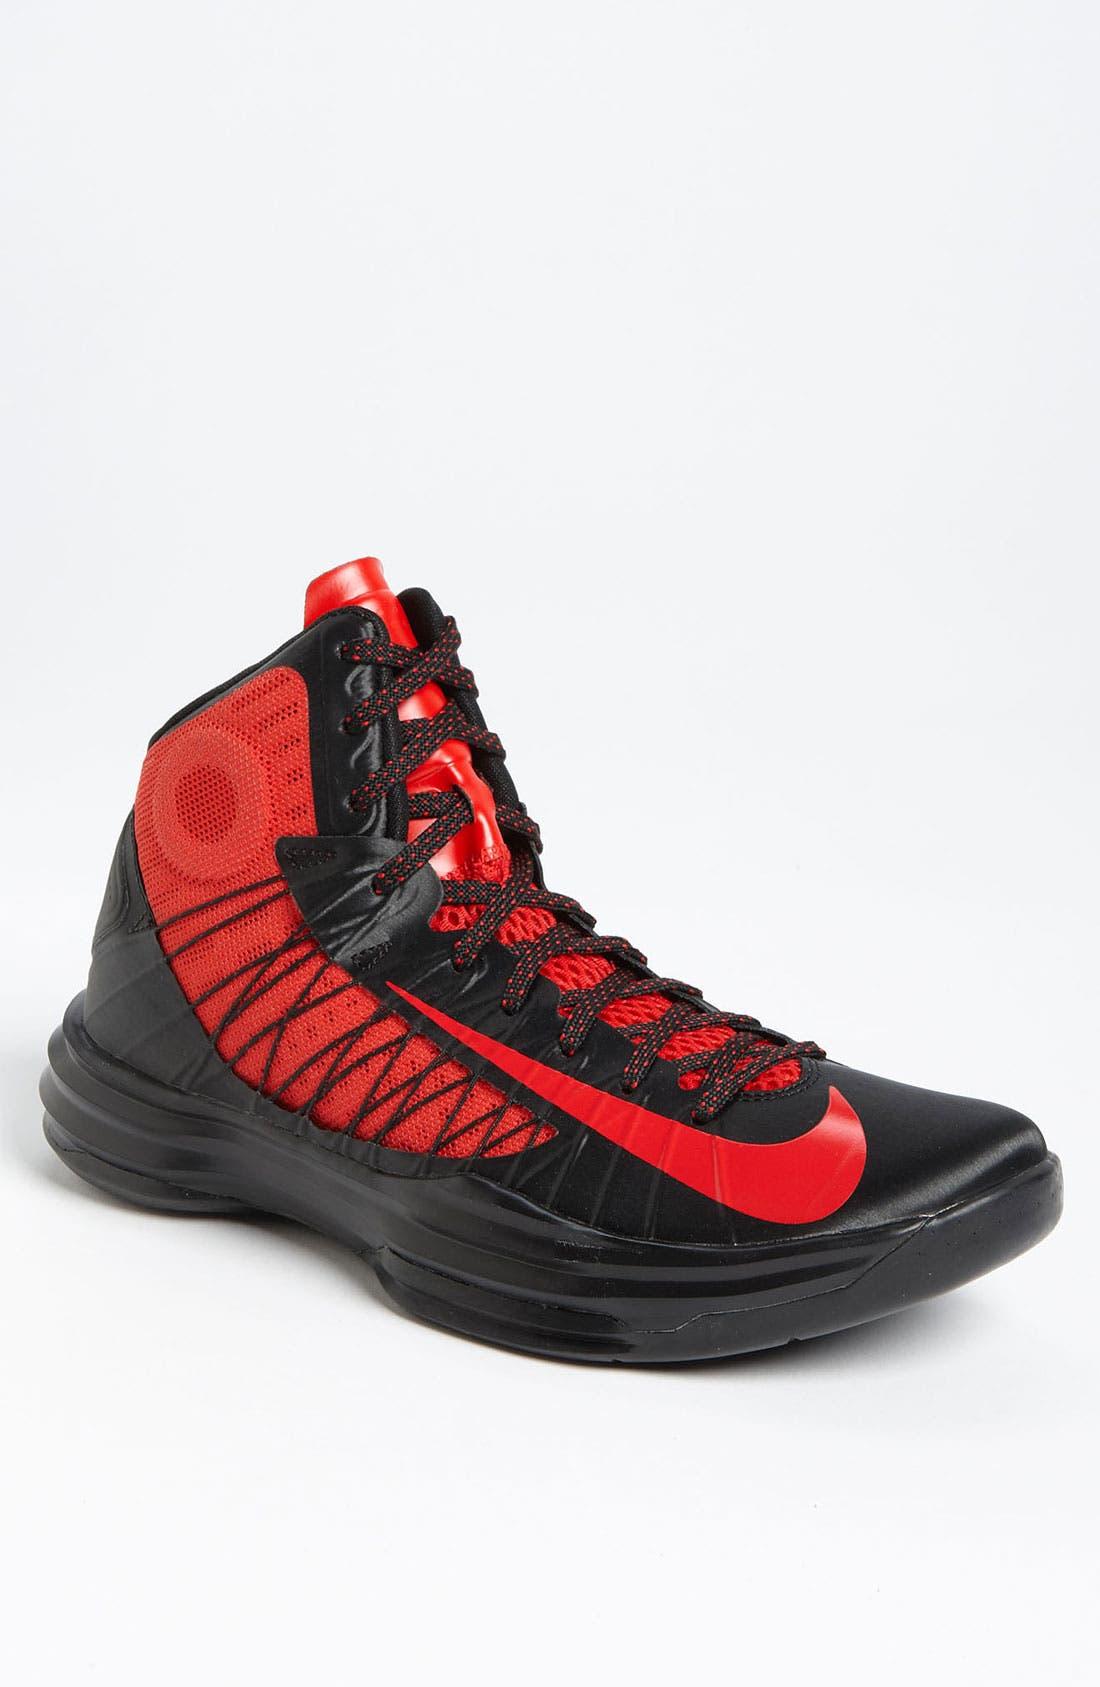 Alternate Image 1 Selected - Nike 'Hyperdunk' Basketball Shoe (Men) (Online Only)